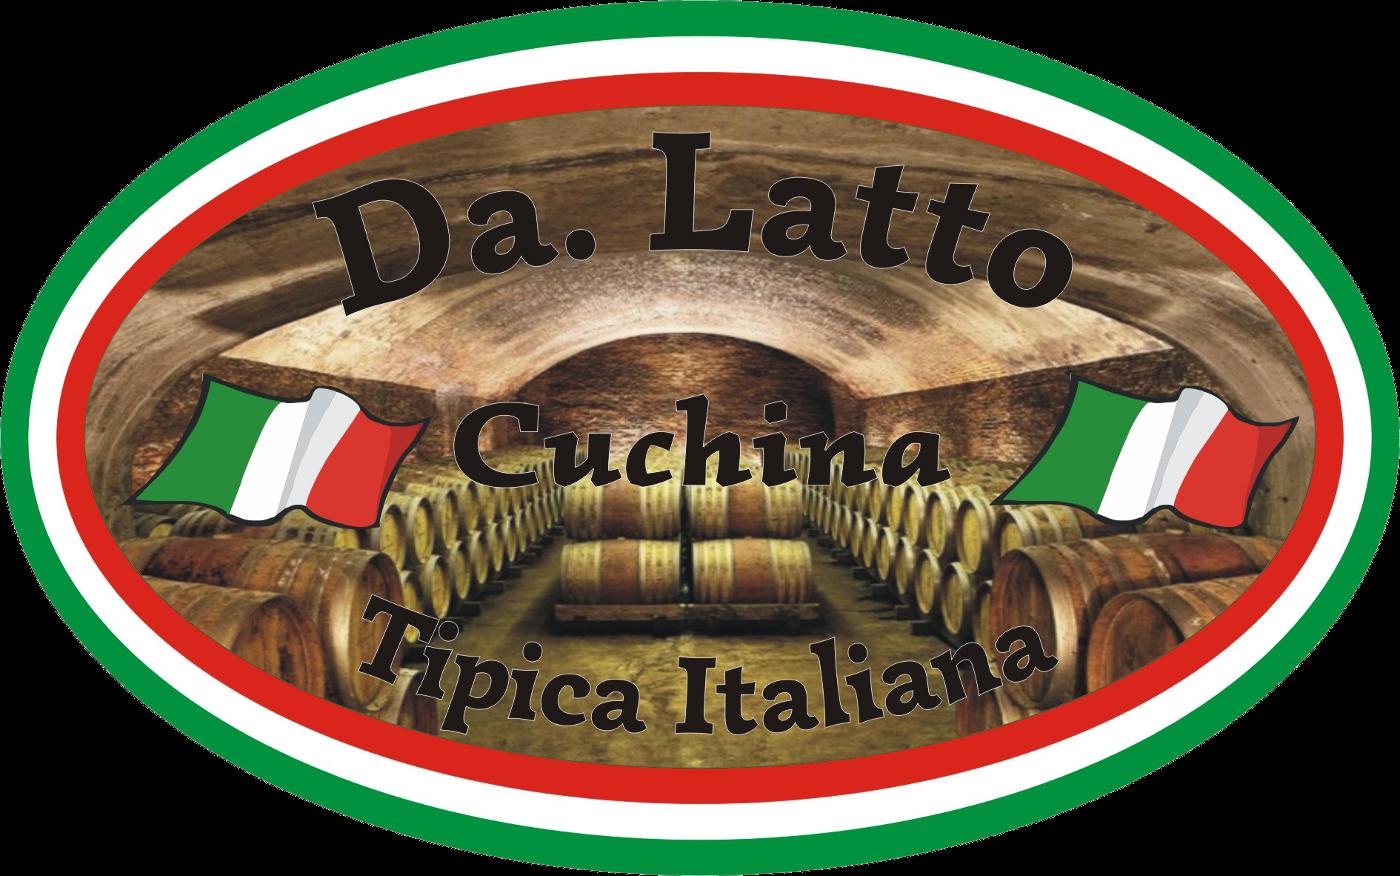 Da. Latto - italienisches Restaurant in Berlin